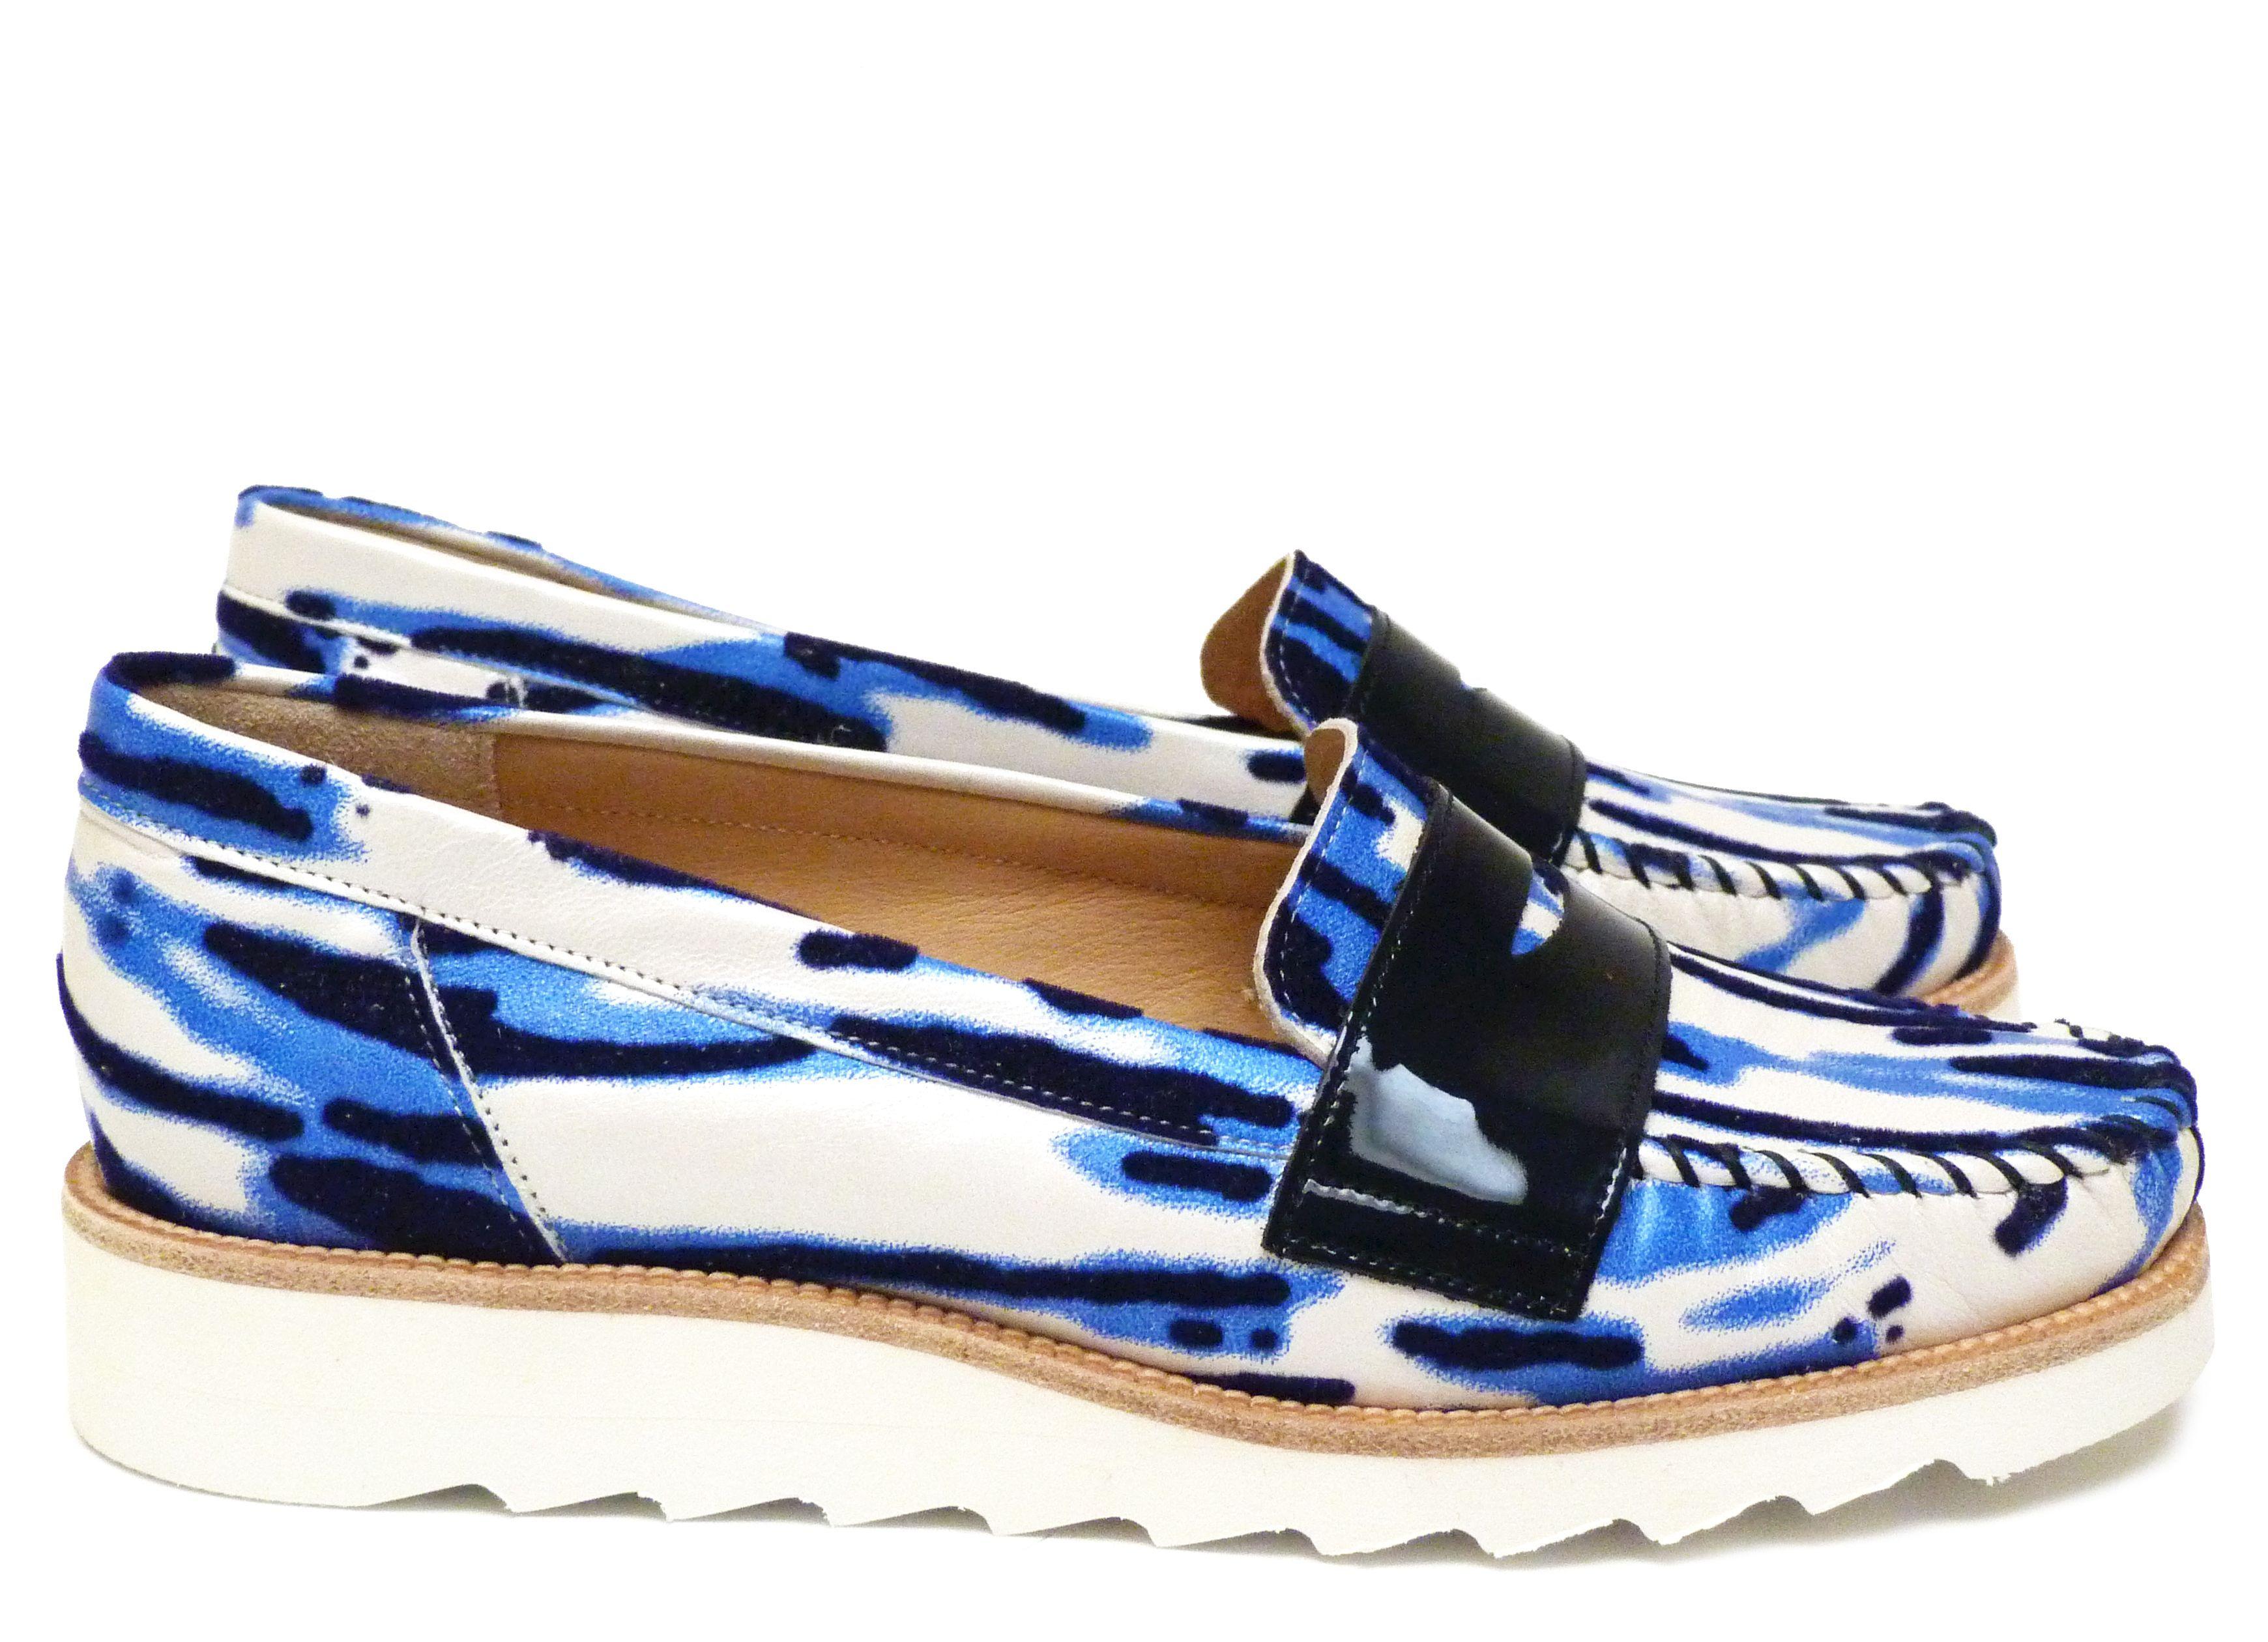 Eté Chaussures Manufacture Femme 2015 Maurice Printemps Mocassins qvpwtvB